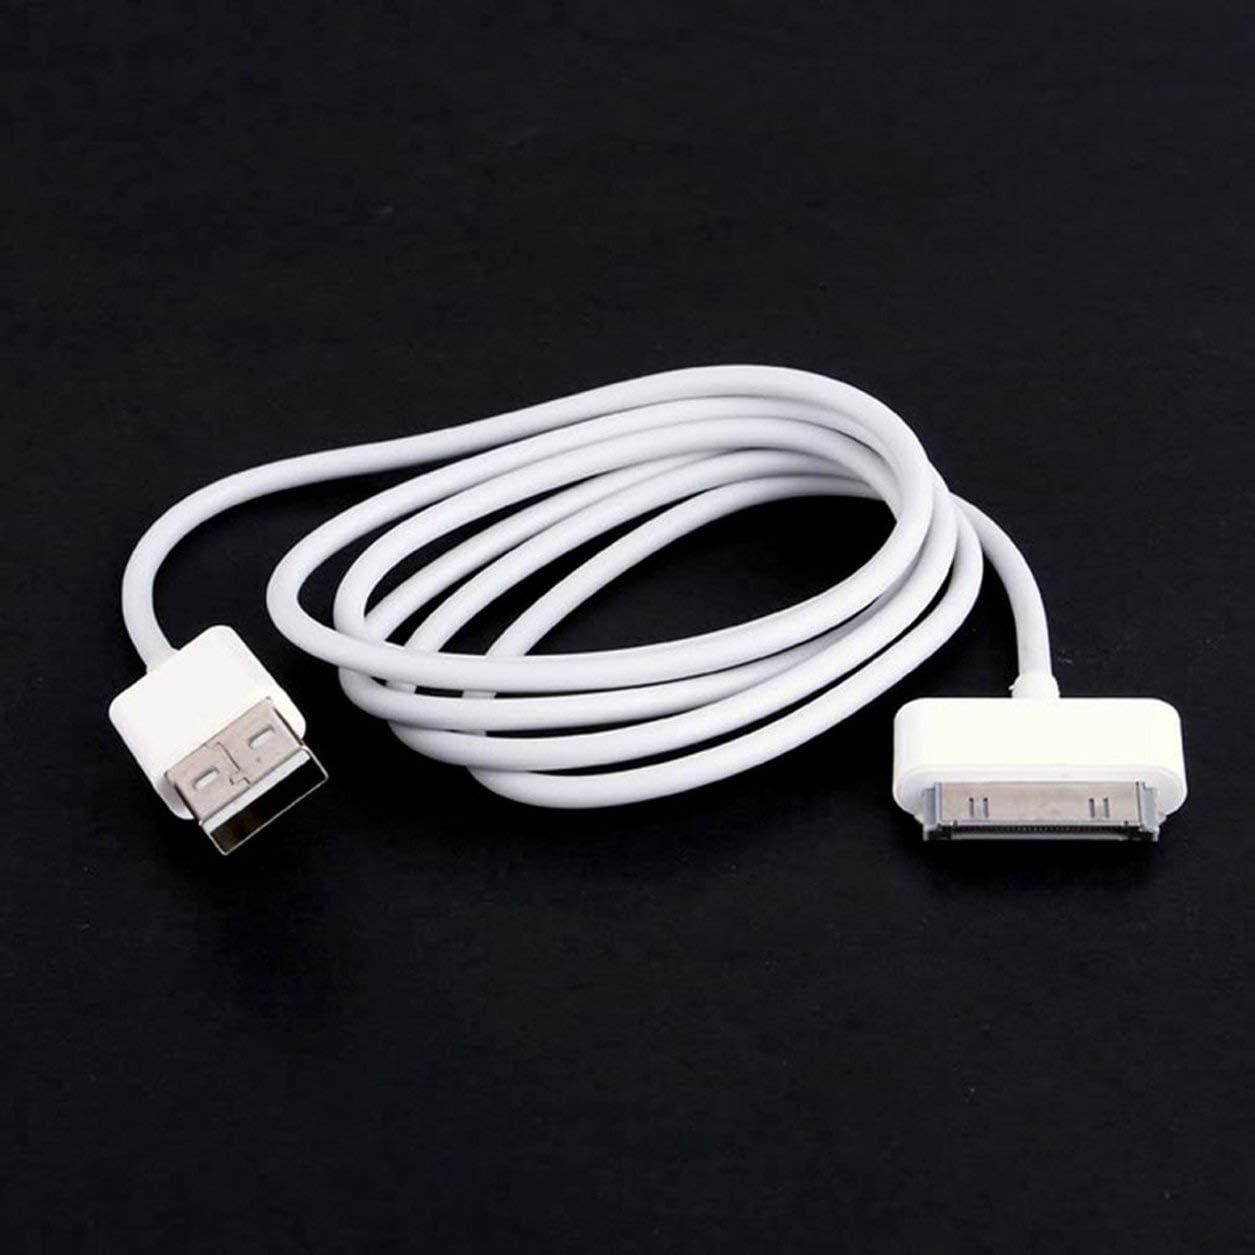 Dailyinshop C/âble de donn/ées de synchronisation de Chargeur USB Portable de Bonne qualit/é pour iPod Nano Touch C/âble de Chargement du Chargeur de donn/ées pour iPod Blanc